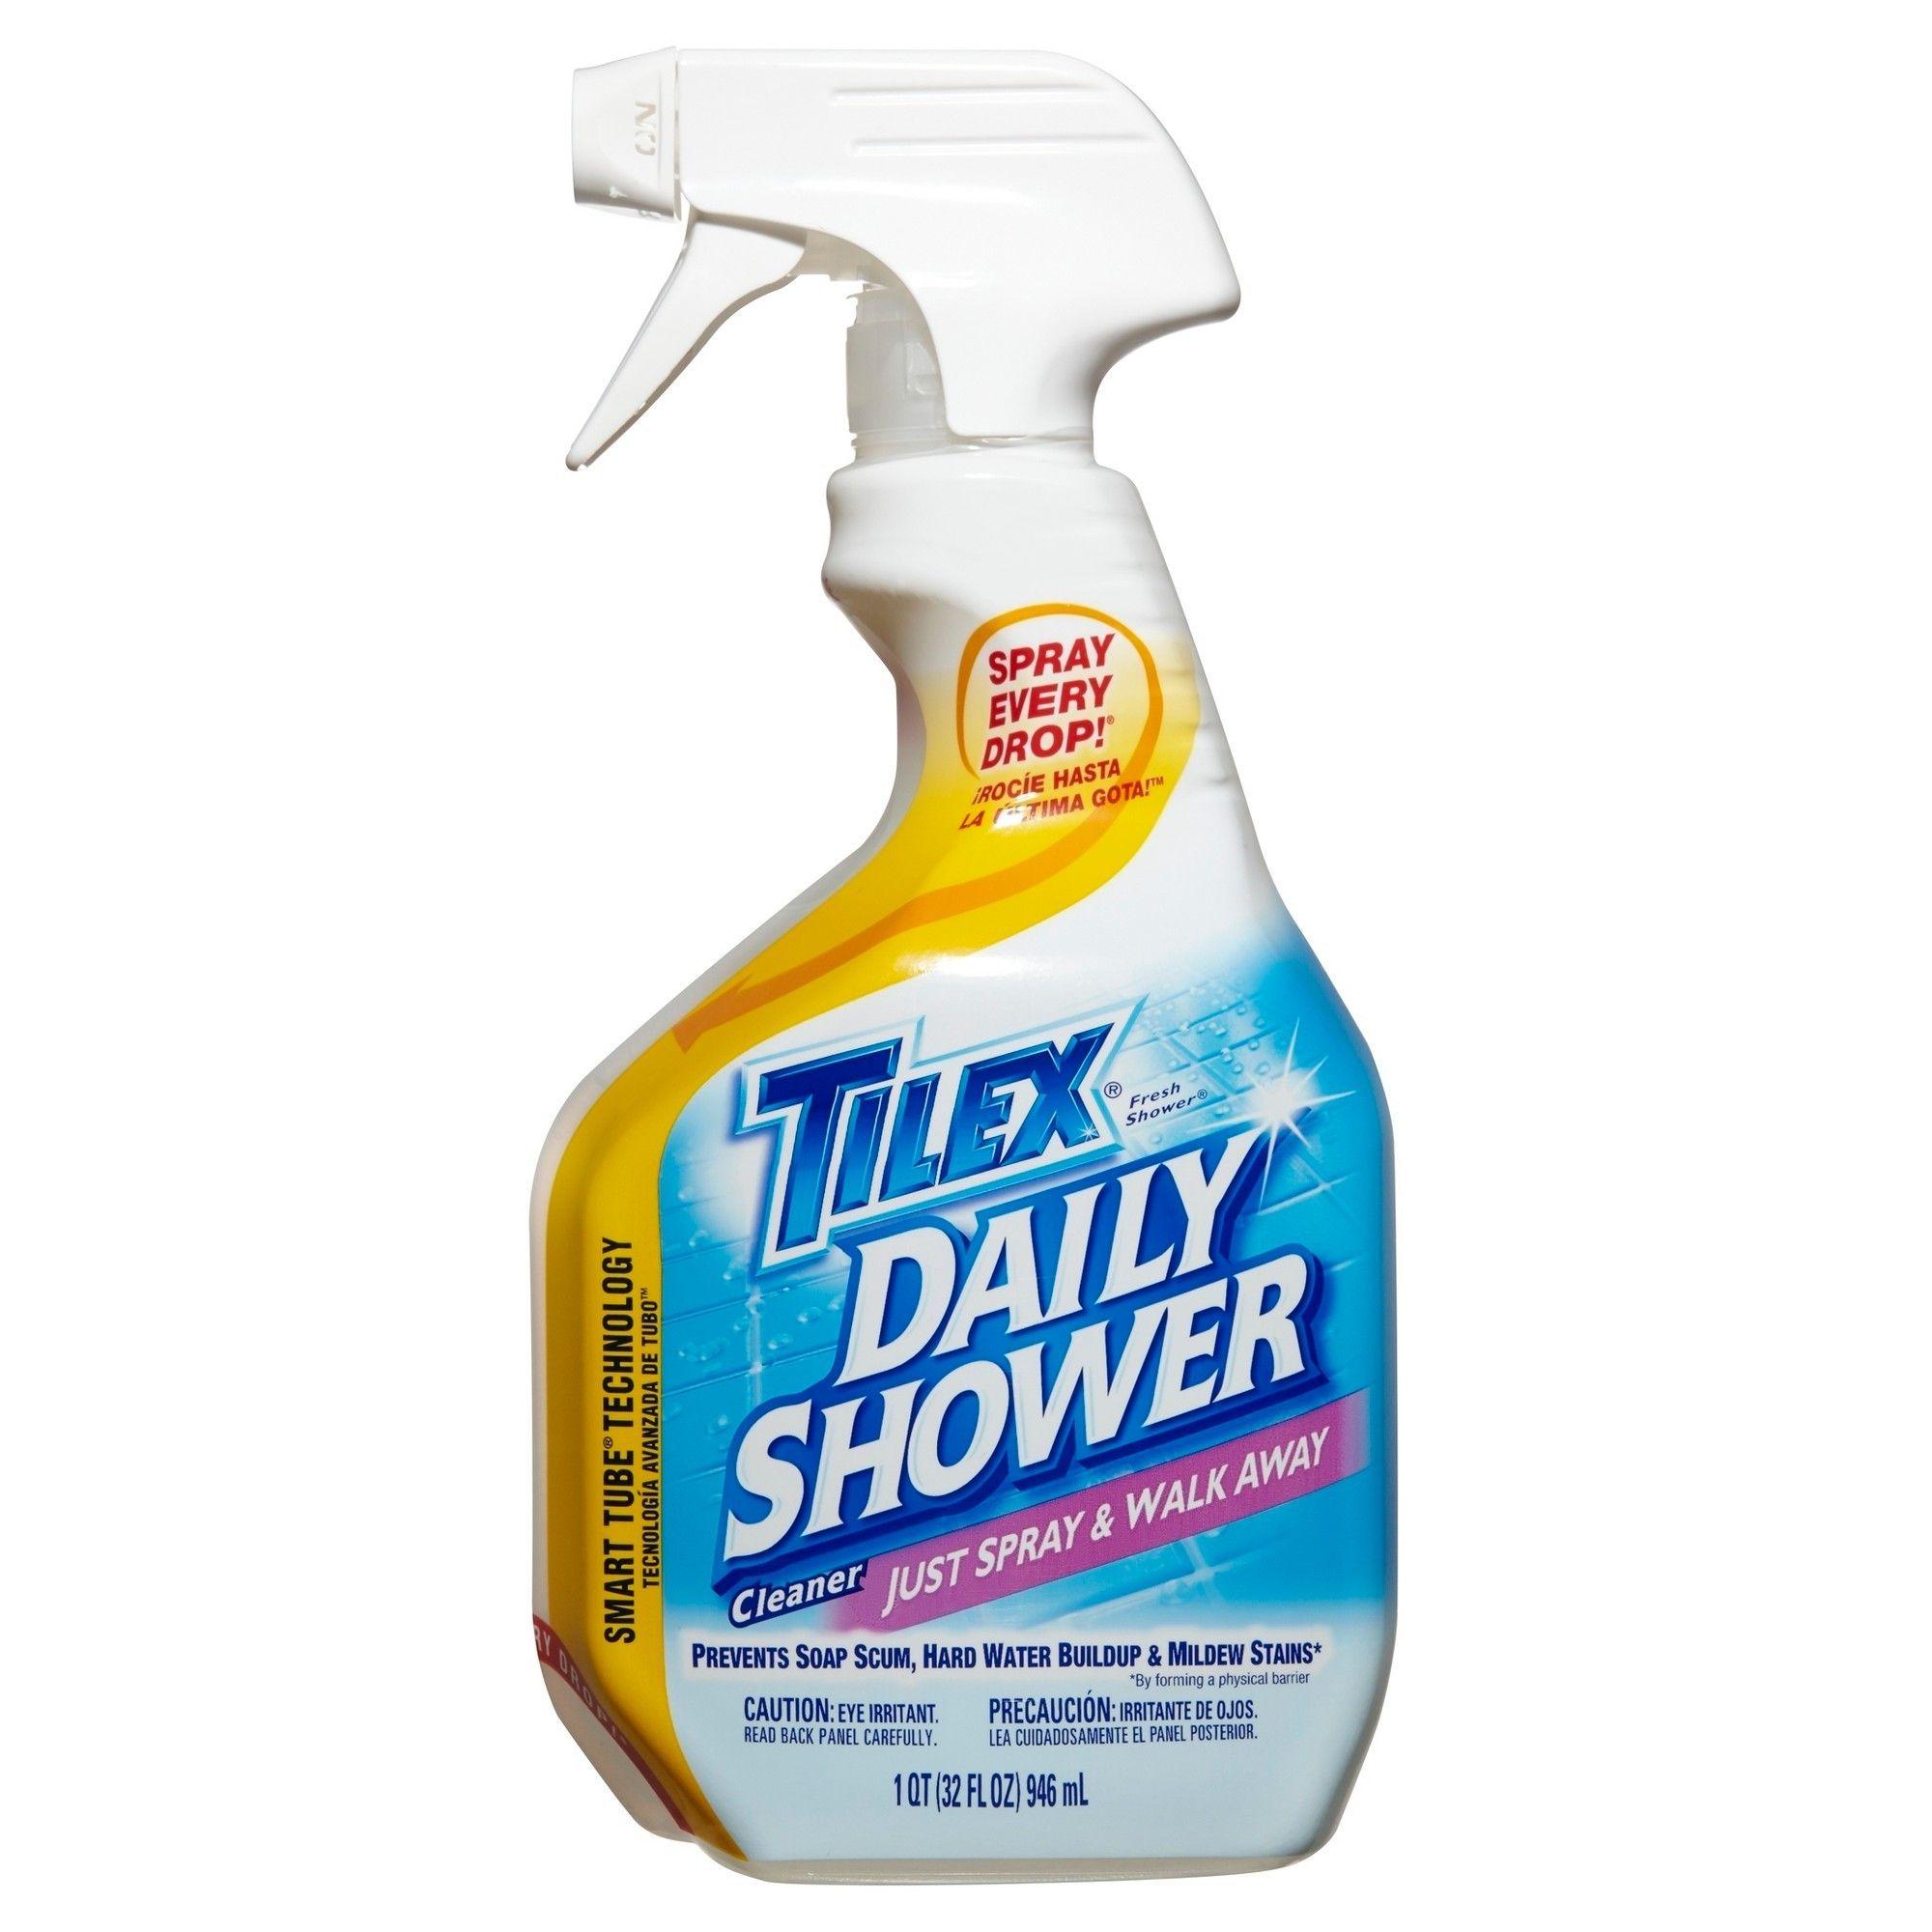 Clorox Plus Tilex Daily Shower Cleaner Spray Bottle 32oz Daily Shower Cleaner Shower Cleaner Daily Shower Spray